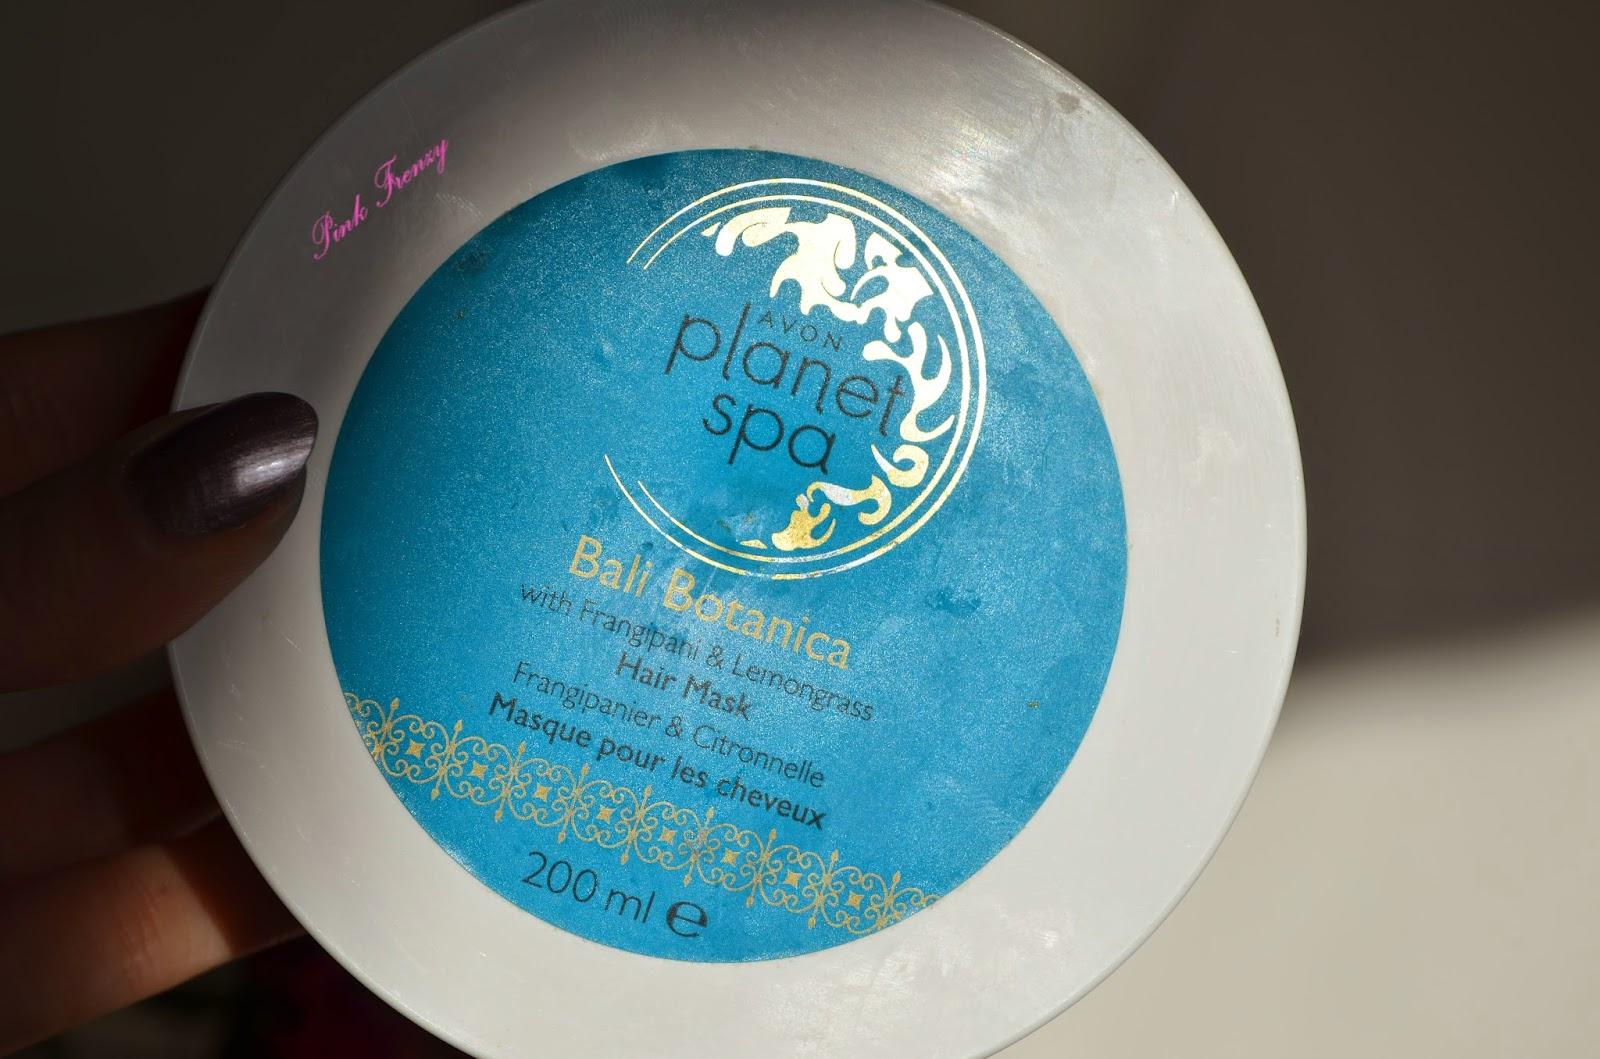 Avon Planet Spa Bali Botanica Hair Mask